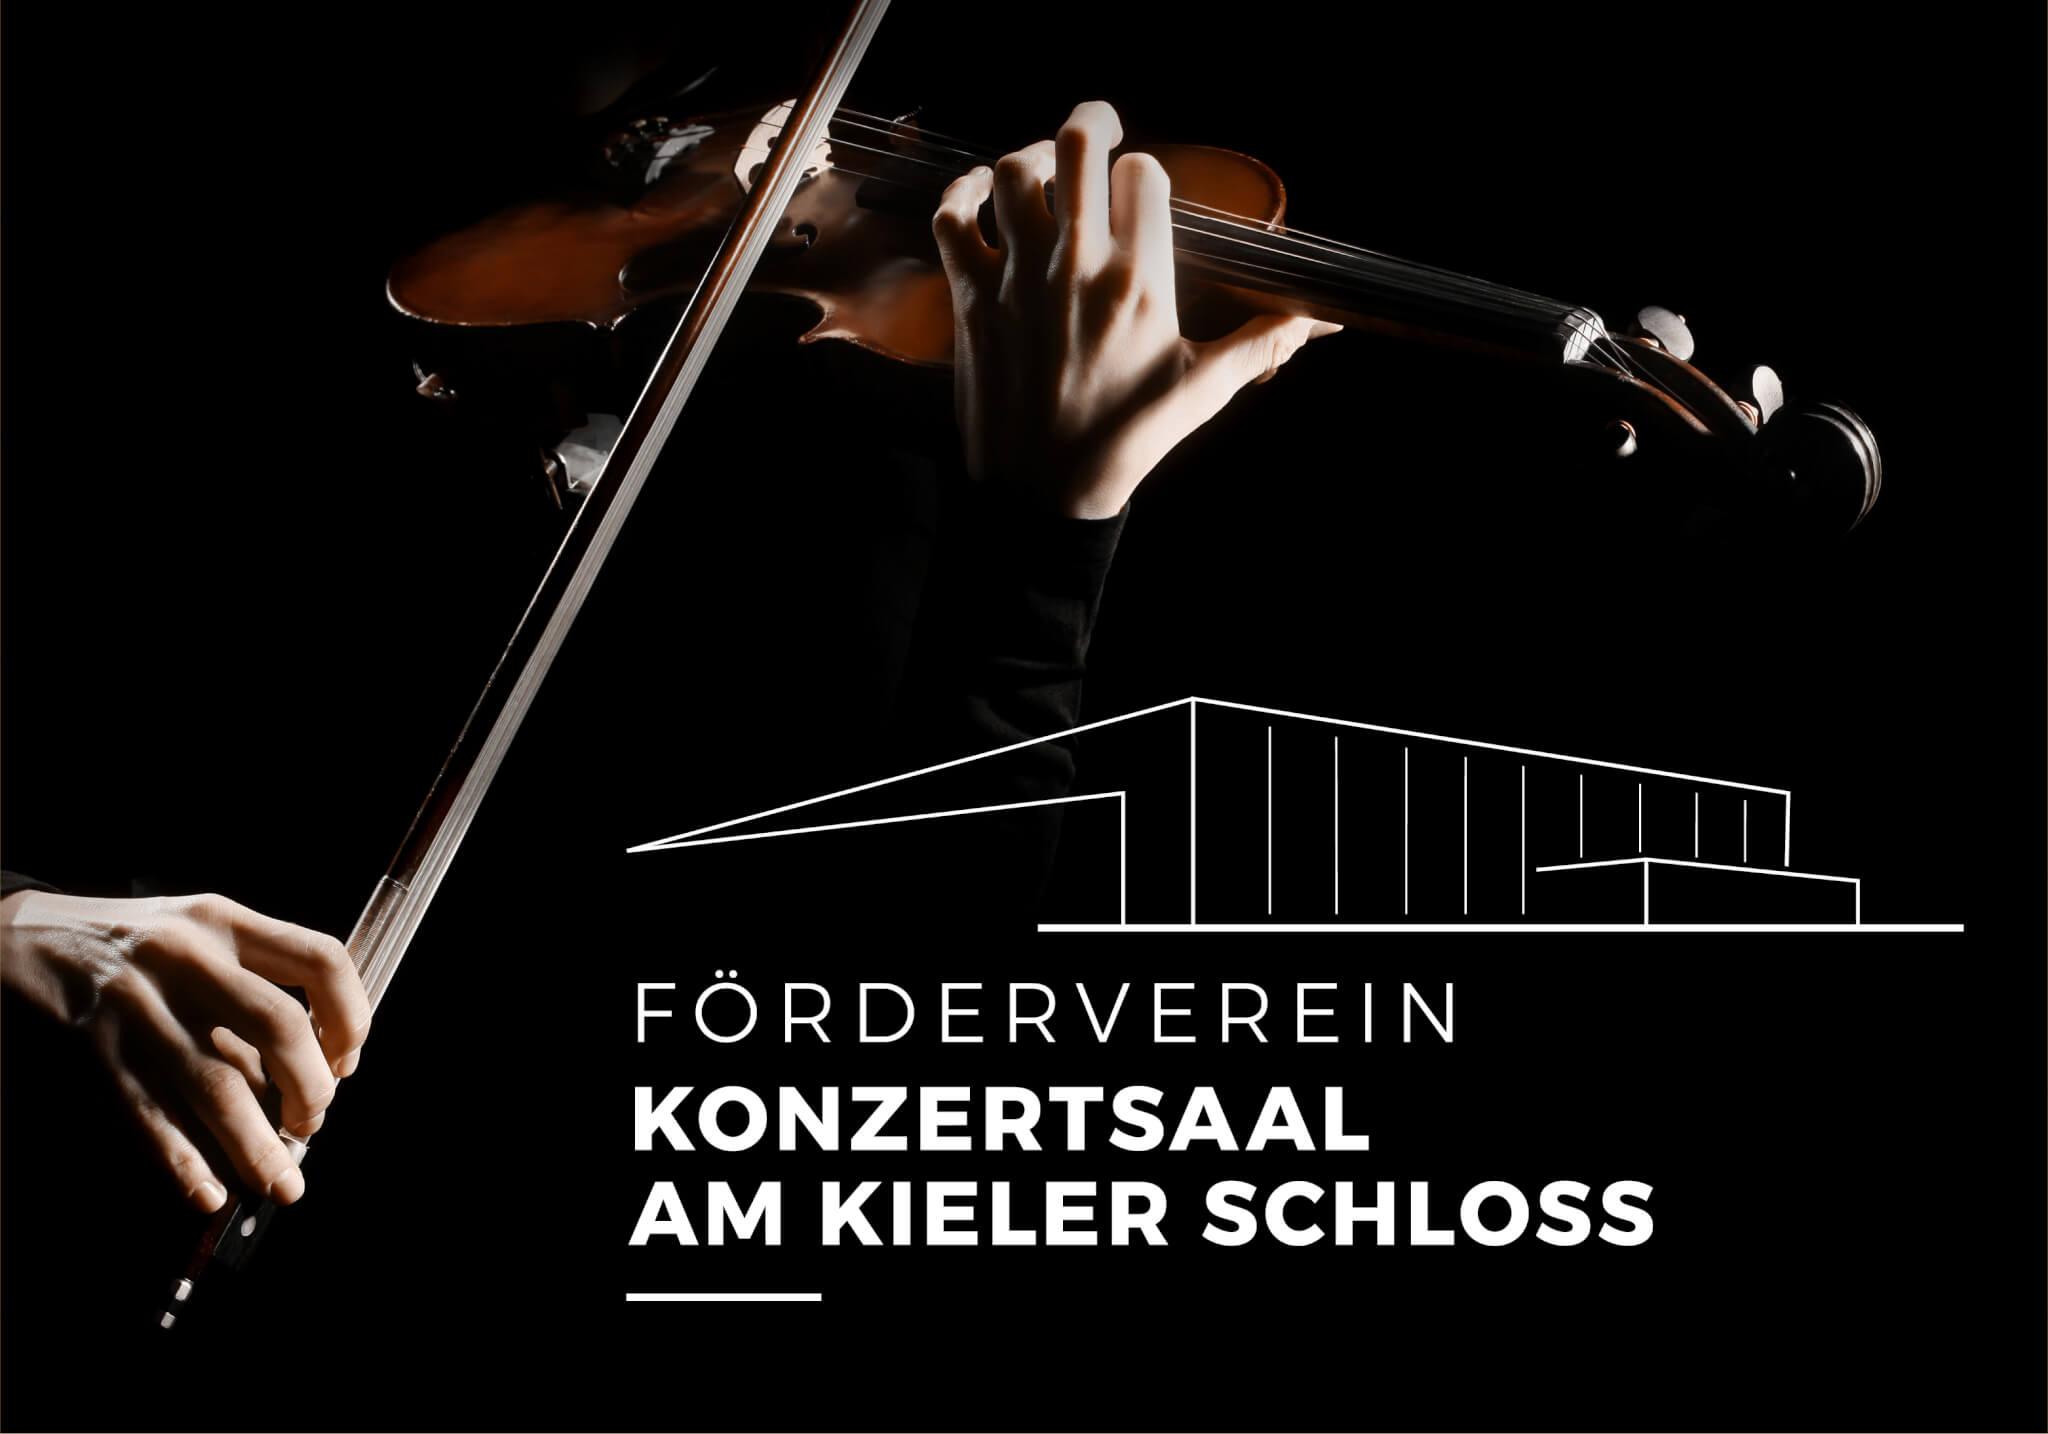 Stamp_Media_Foerderverein_Konzertsaal_am_Kieler_Schloss_750x525px-3